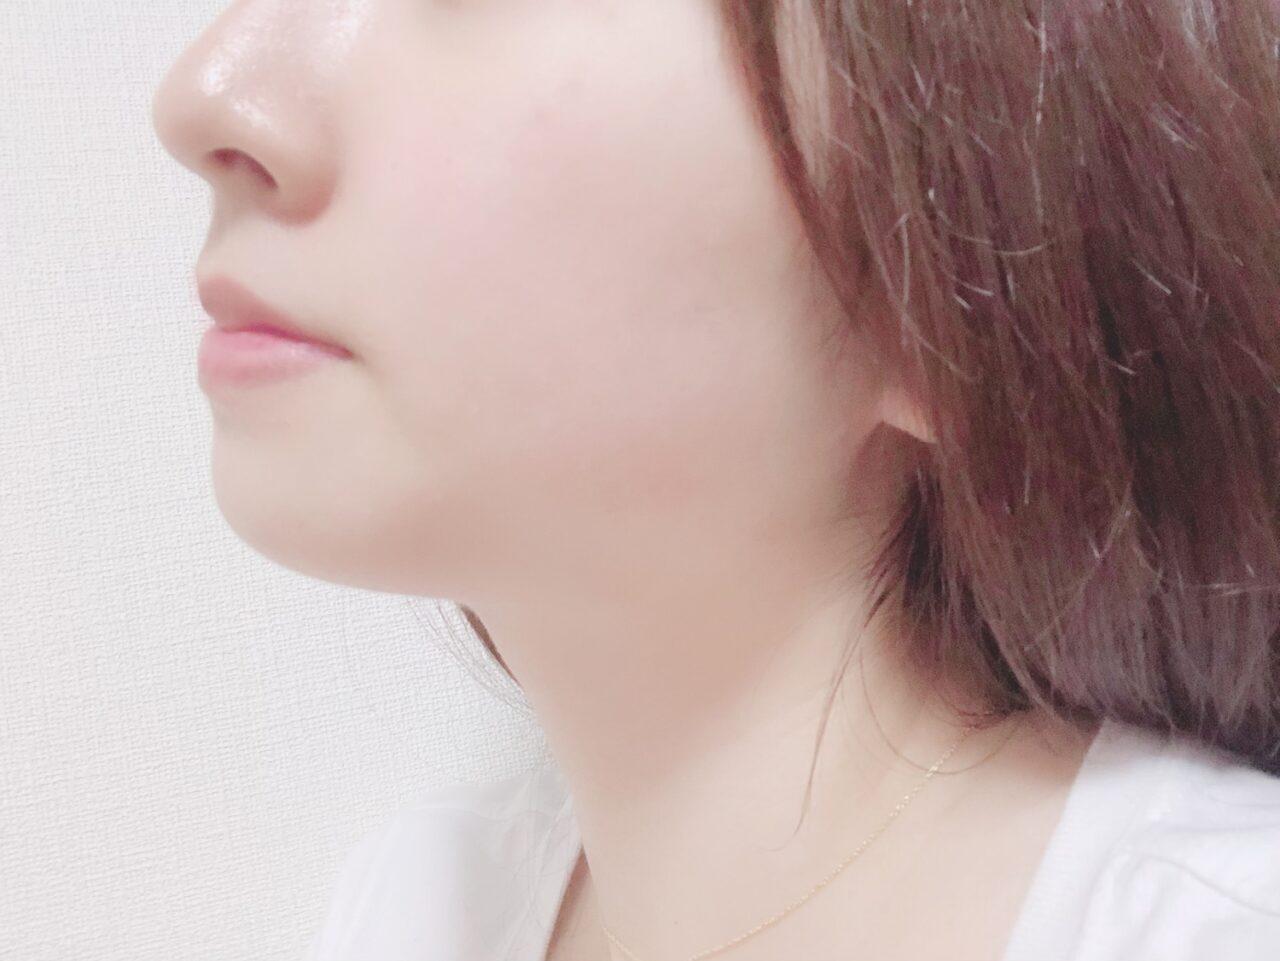 女性の横顔の鼻、口元が目立つ写真